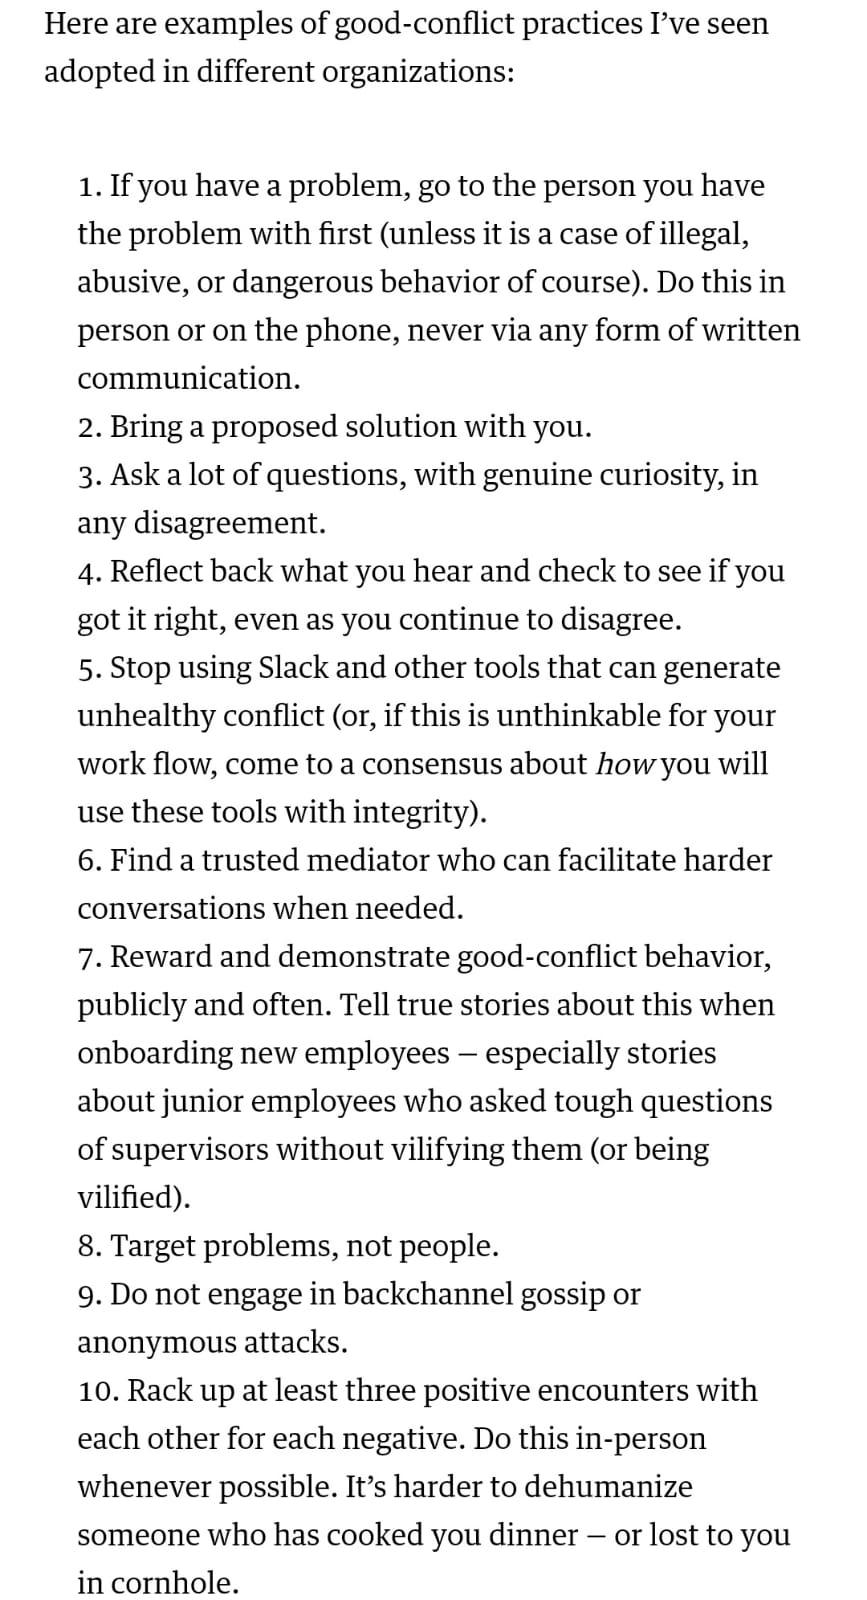 10 tips menghadapi konflik dari artikel Harvard Business Review